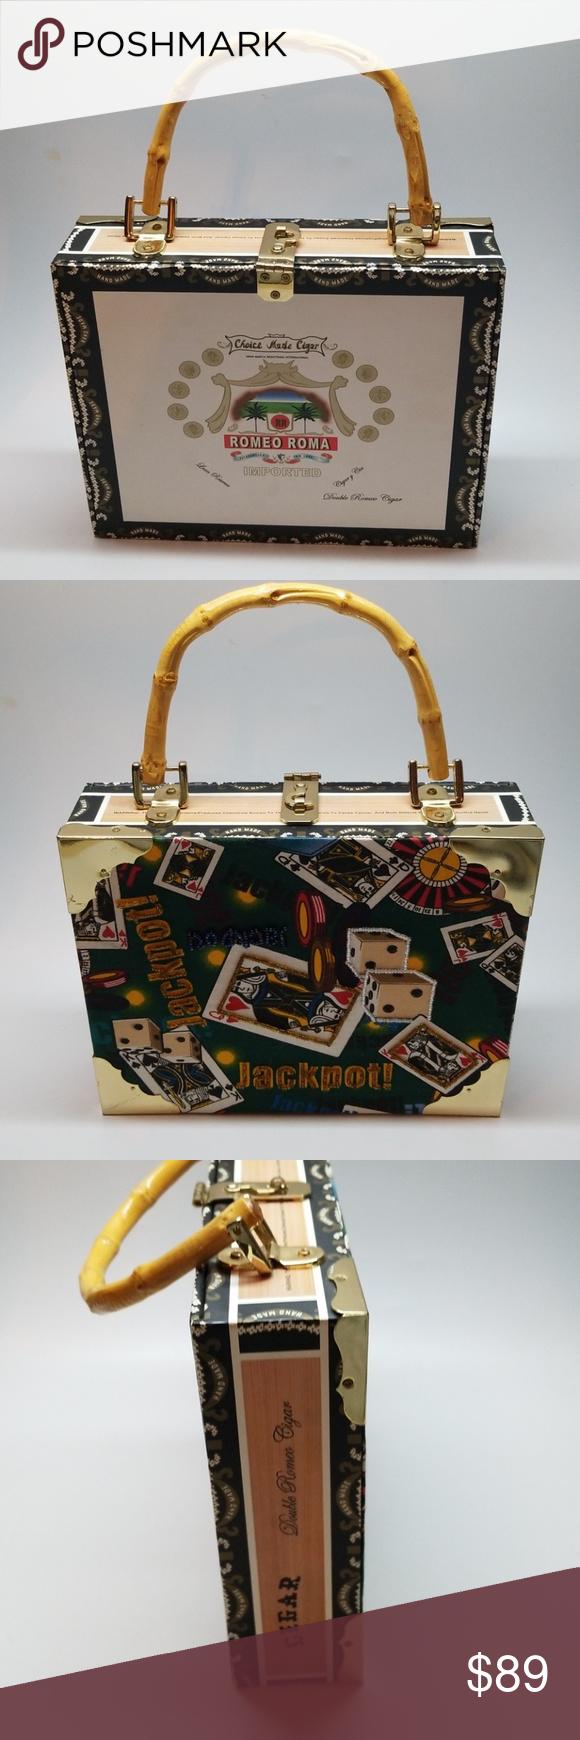 Cigar Box Handbag Romeo Roma Casino Purse Beautiful